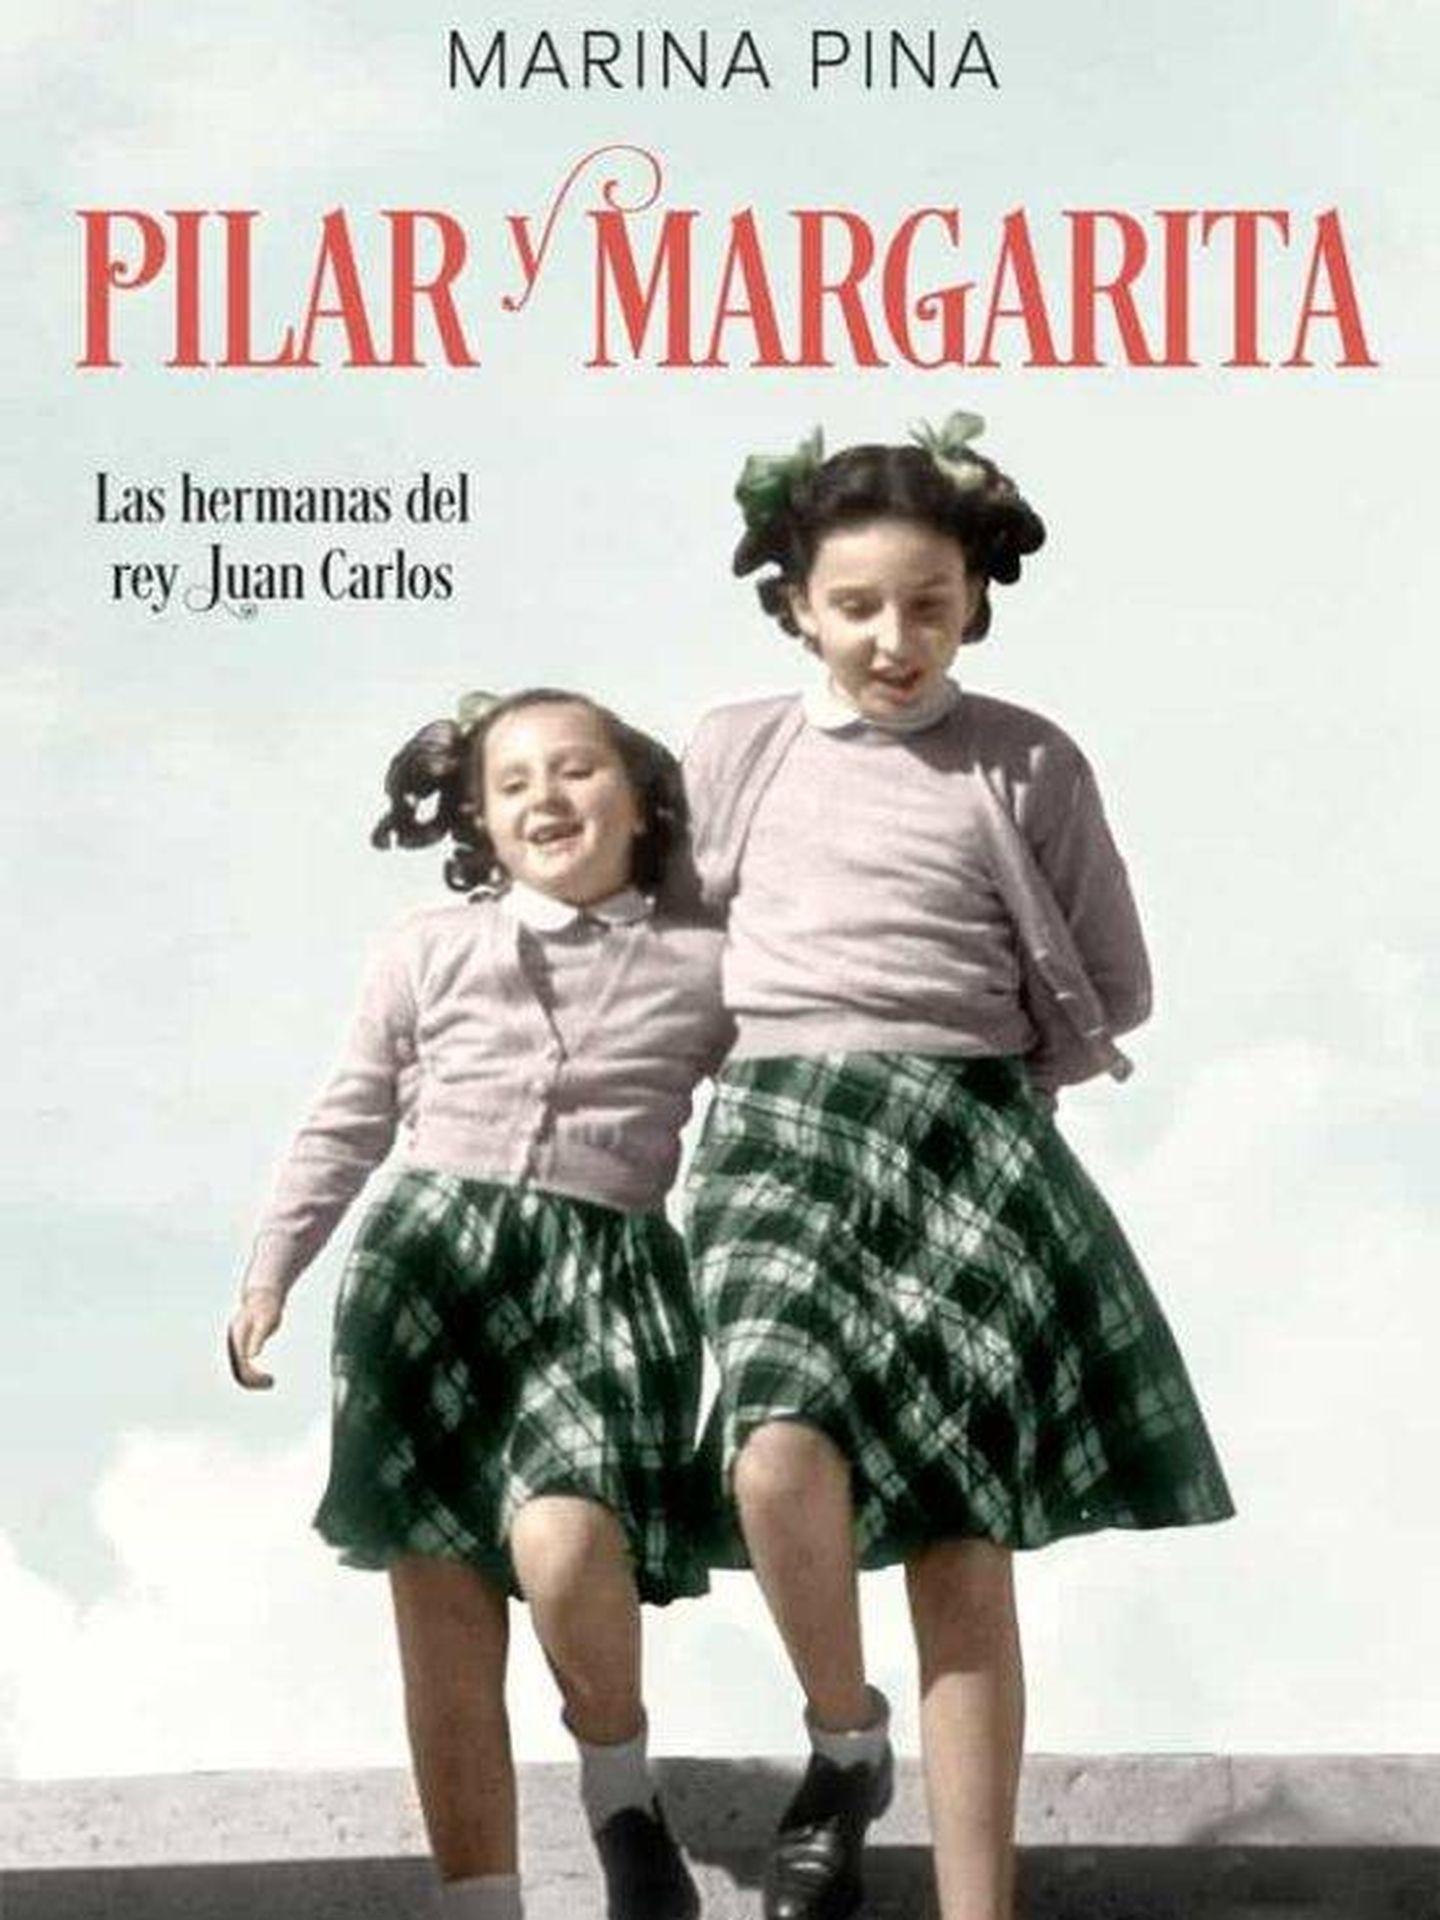 Portada del libro de Marina Pina. (La Esfera)